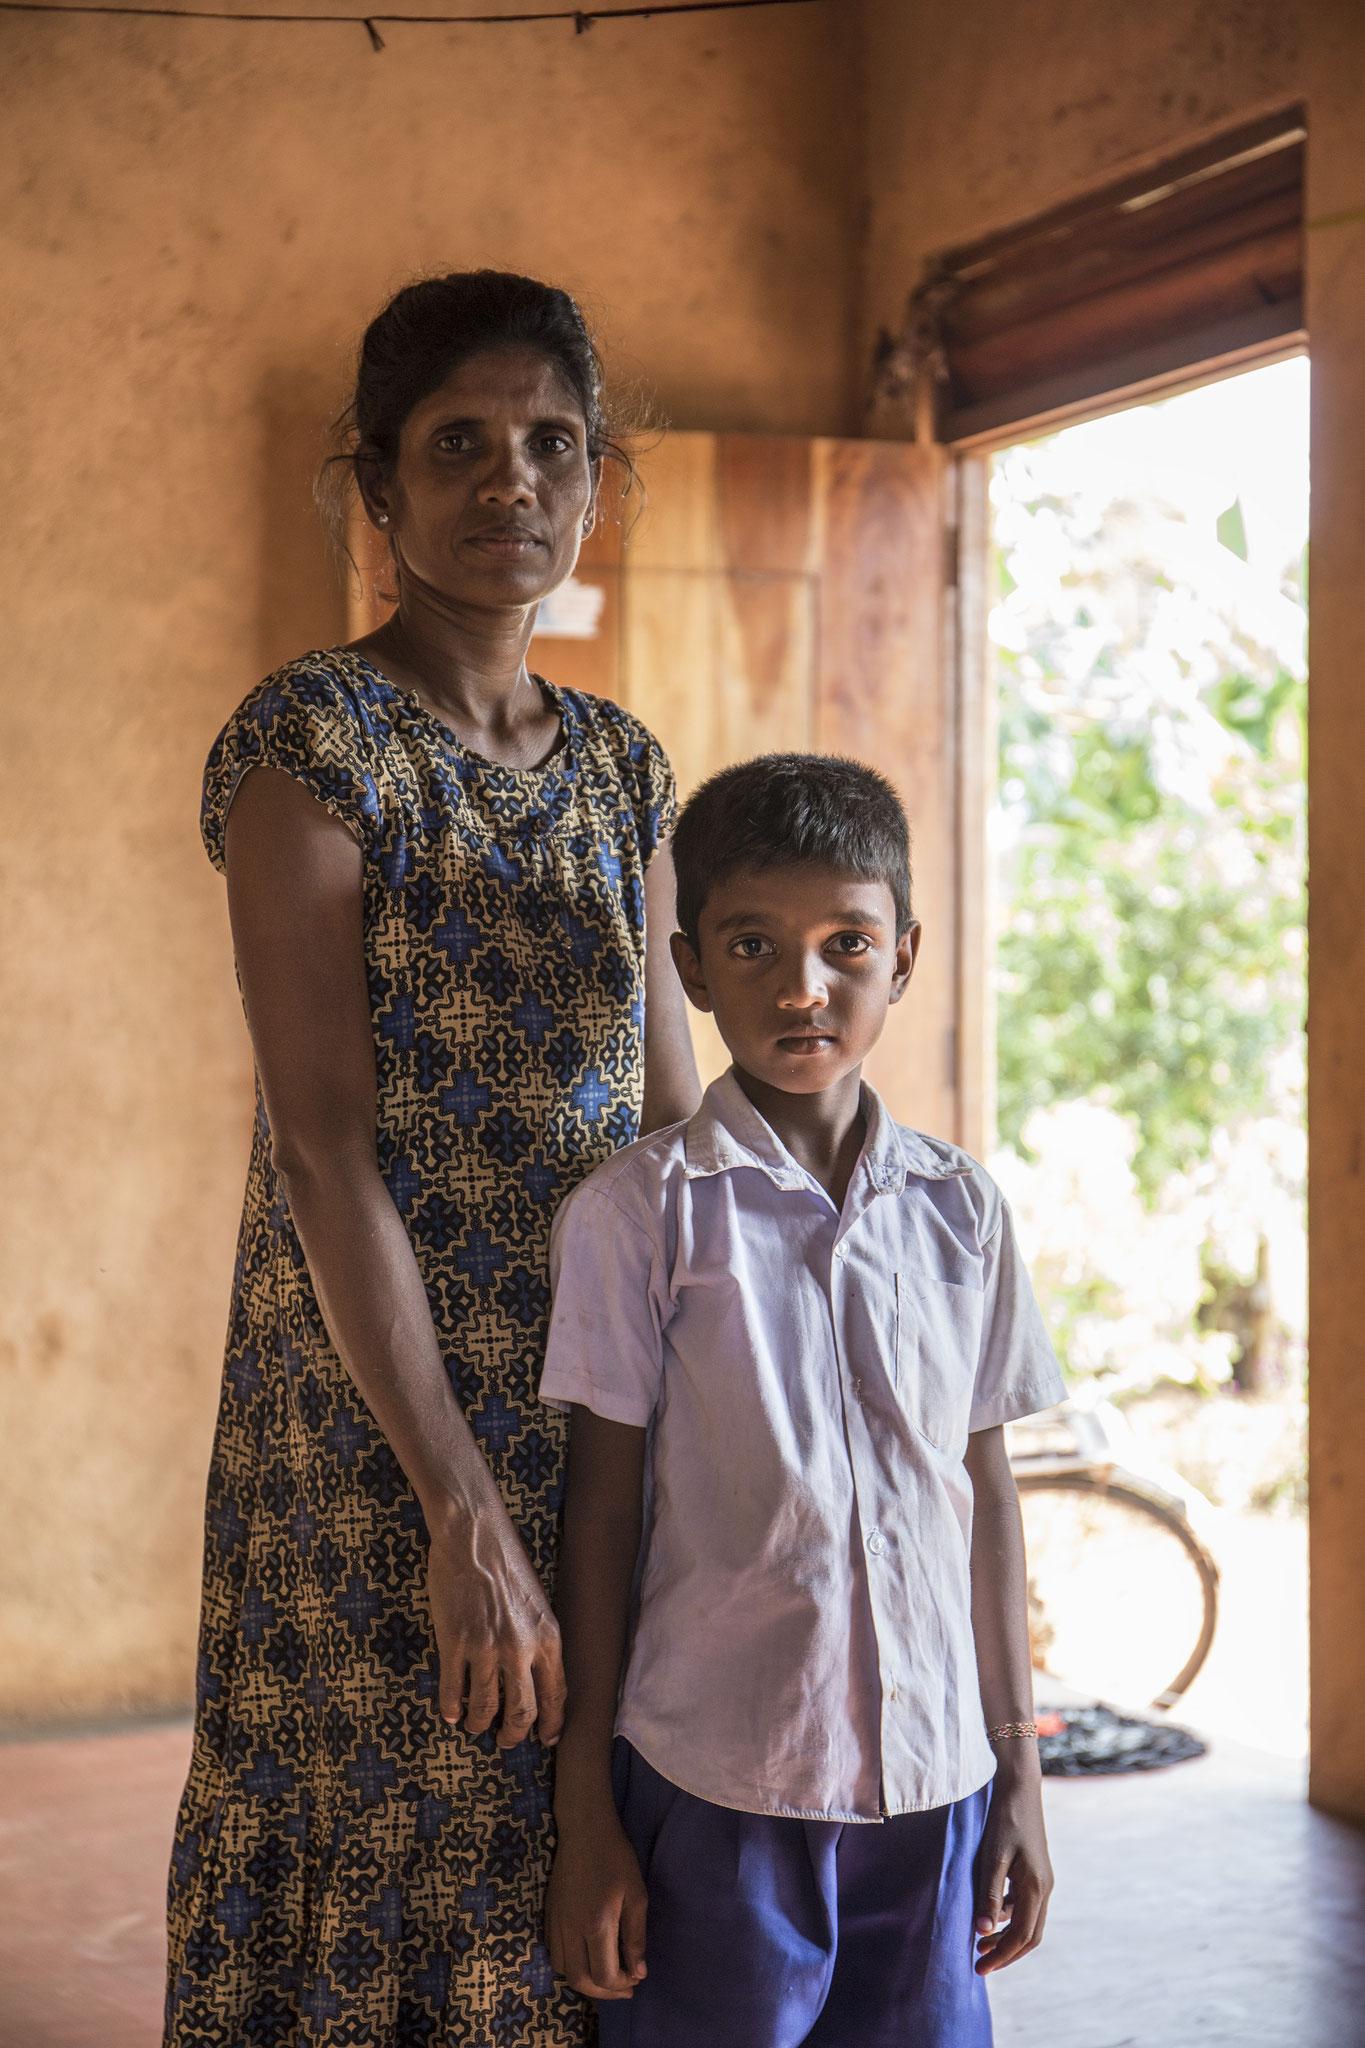 Die Witwe lebt mit ihren beiden Kindern in einem Dorf für Vertriebene. Ihren Mann verlor sie während des Bürgerkrieges. Keerimalai, 2018